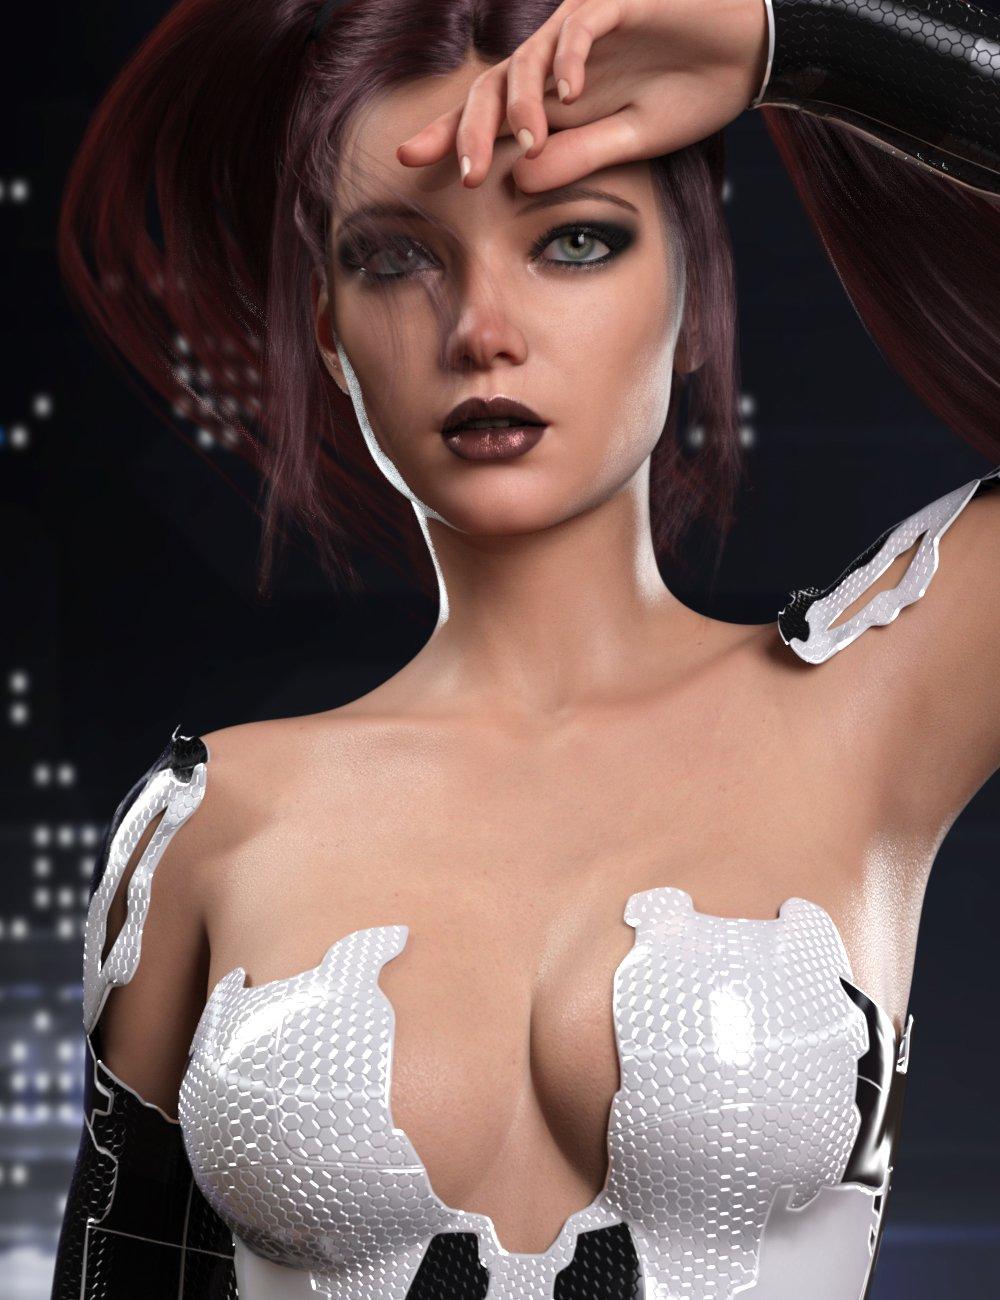 RY Xara for Genesis 8.1 Female by: Raiya, 3D Models by Daz 3D